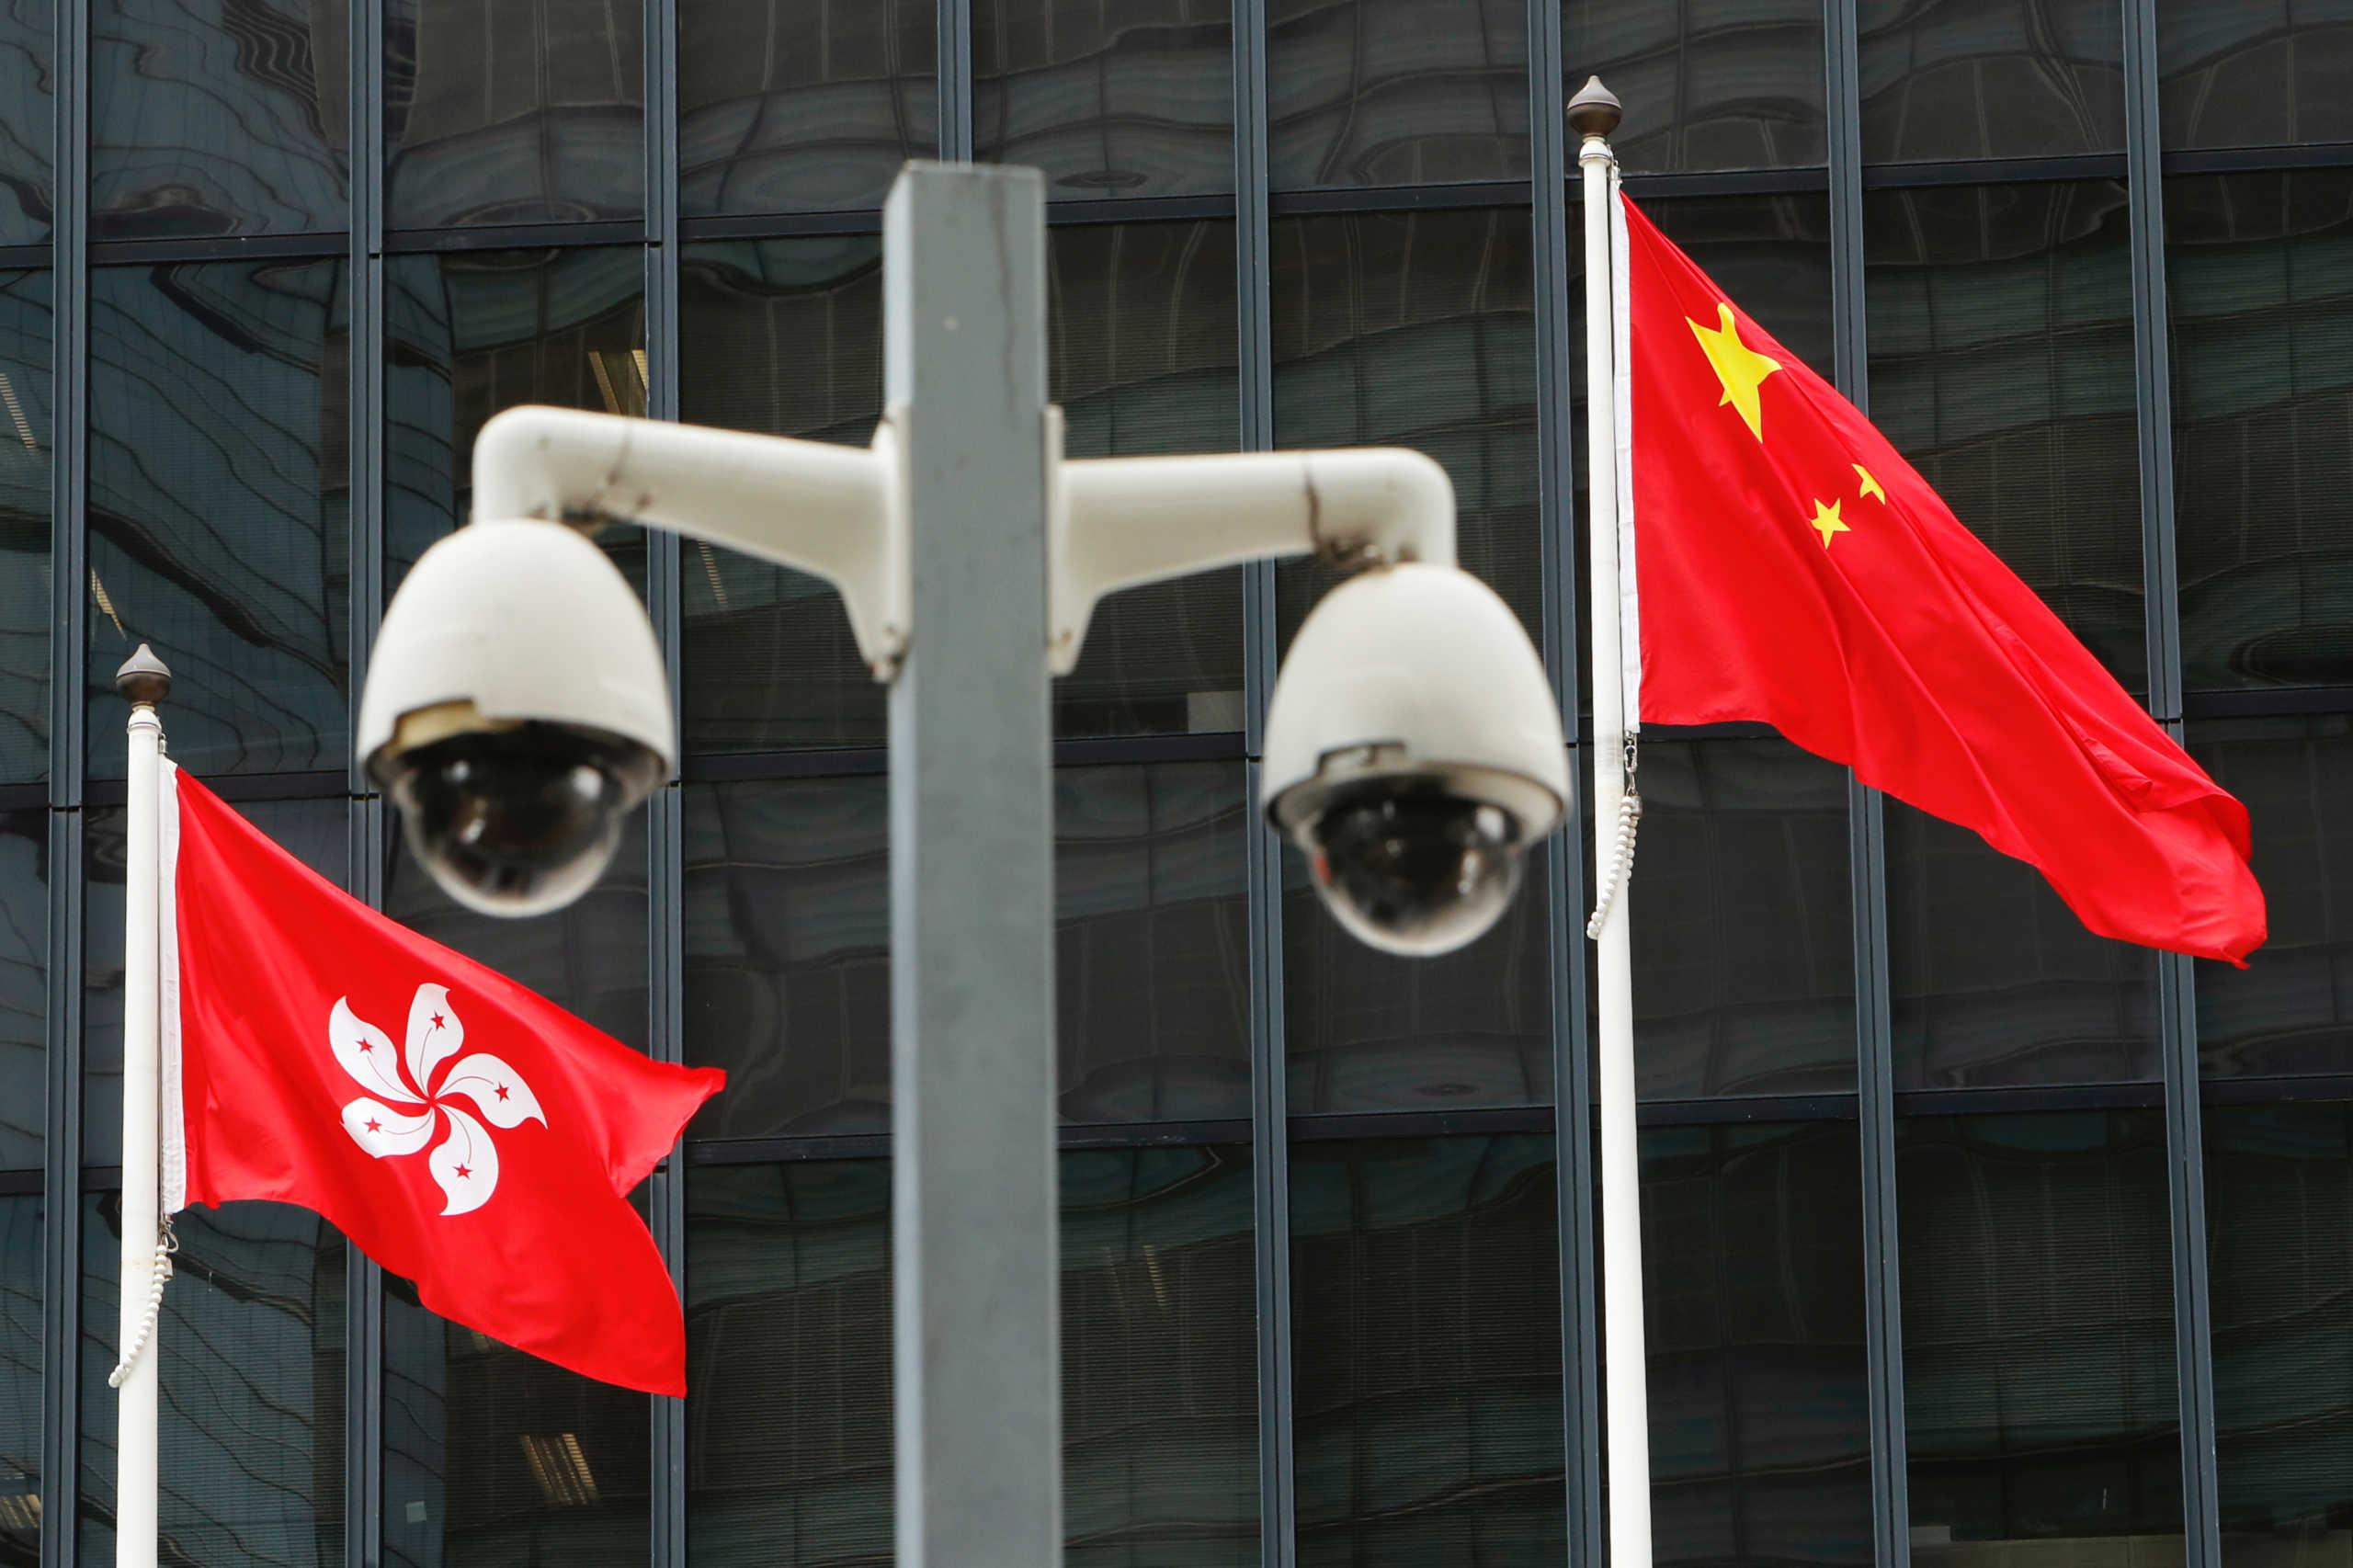 Τα προϊόντα από το Χονγκ Κονγκ για εξαγωγή προς τις ΗΠΑ θα πρέπει να φέρουν σήμανση 'Made in China'